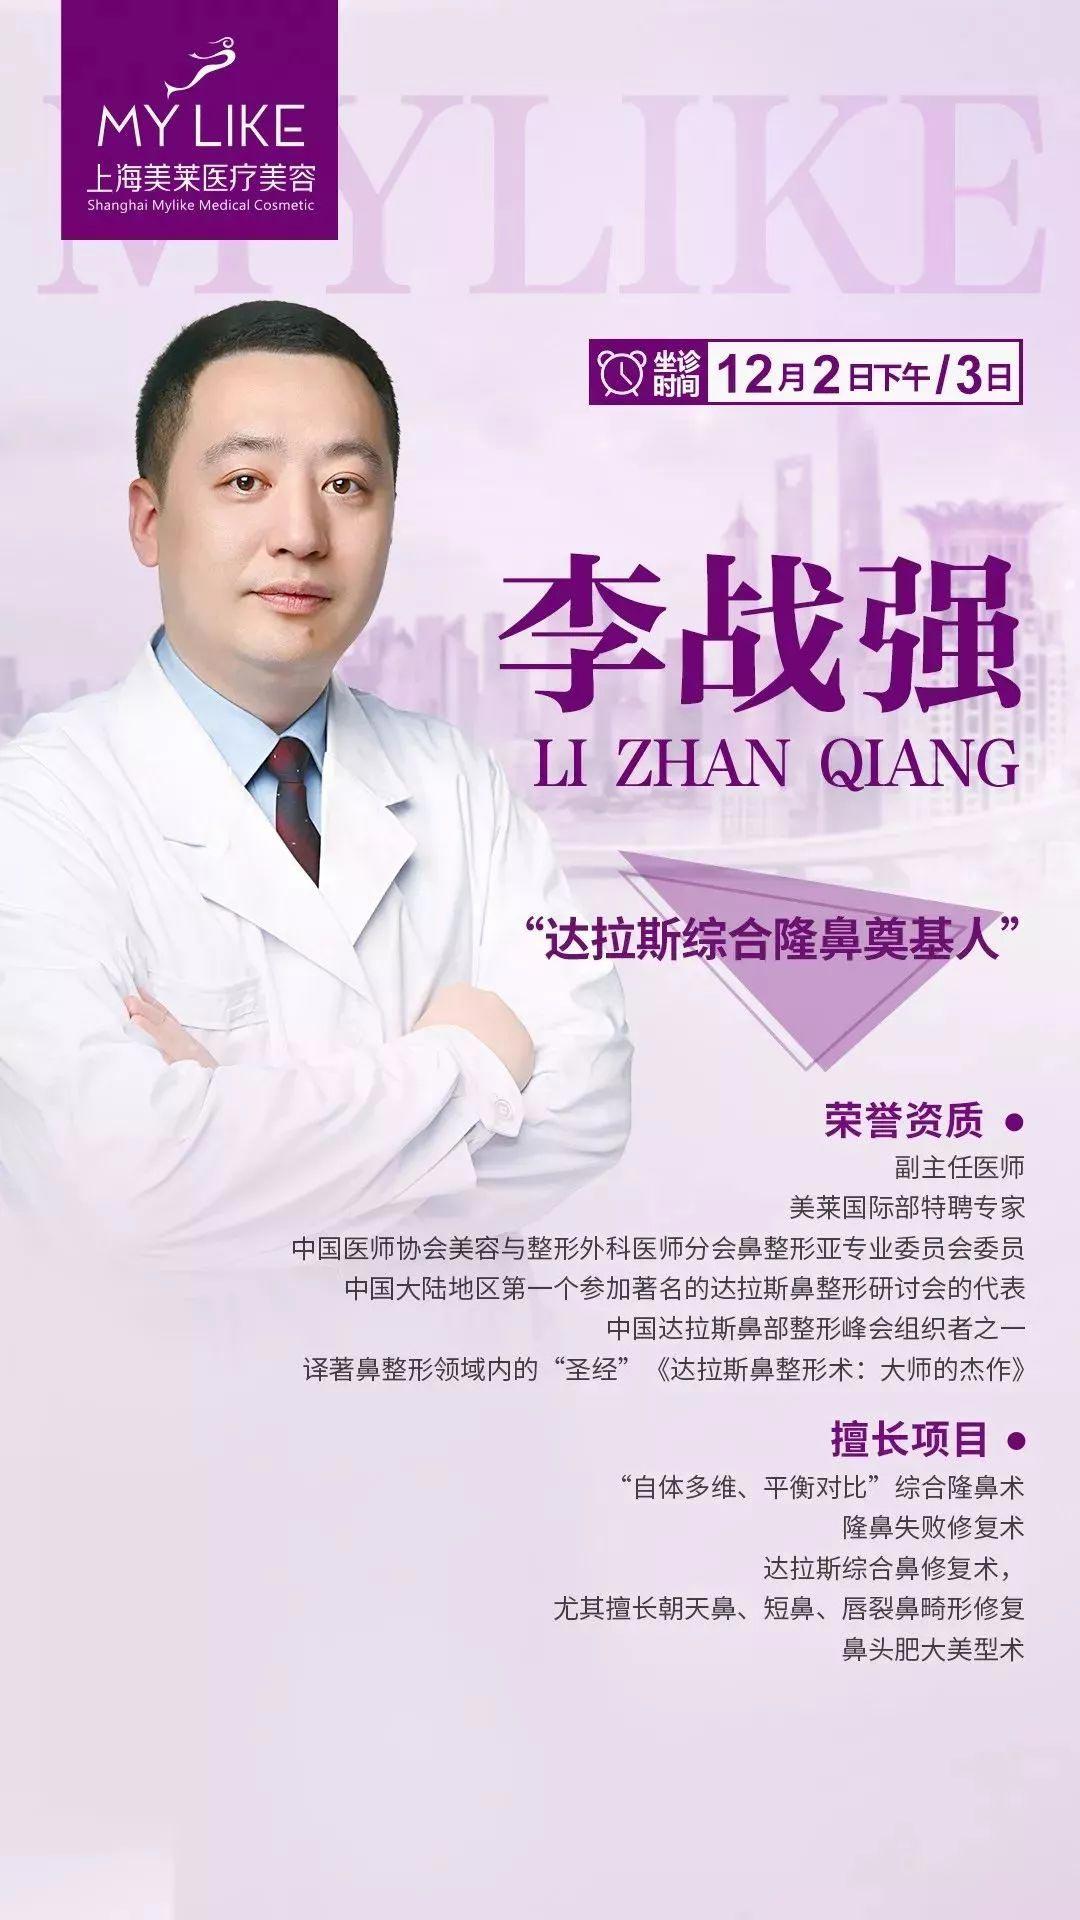 上海美莱12月2日-3日李战强教授